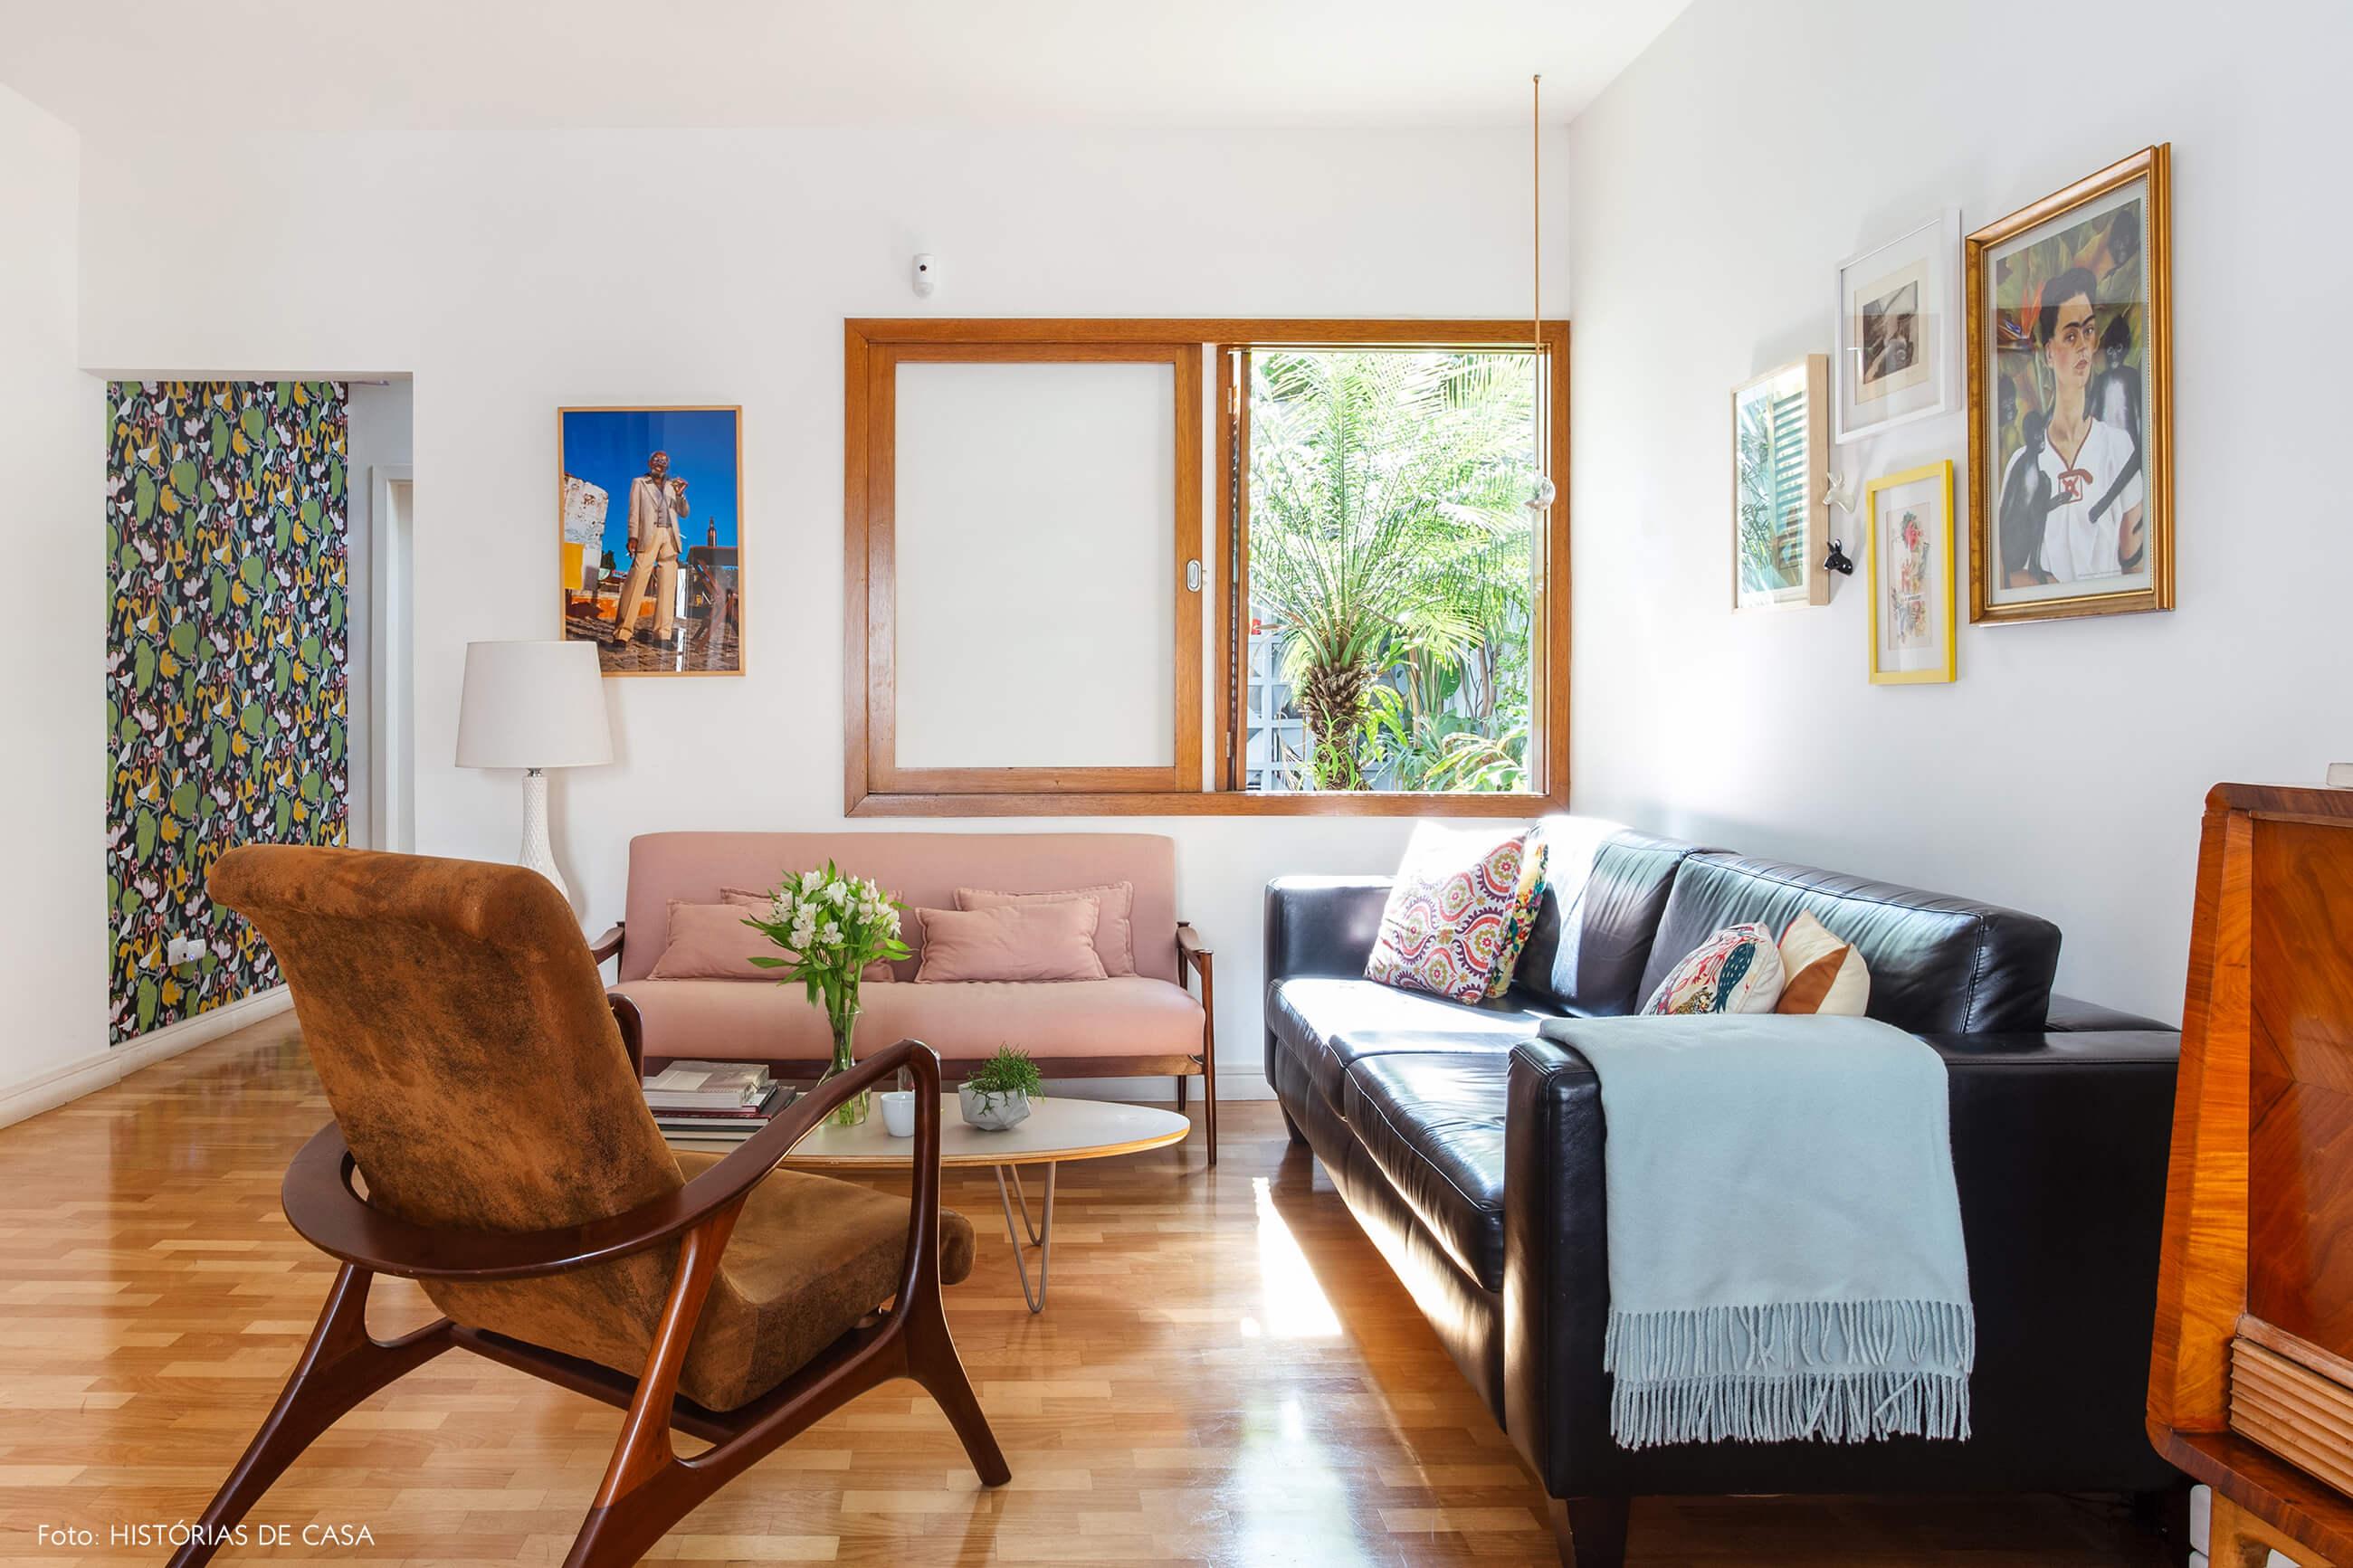 Sala com janelas de madeira e sofás rosa e preto